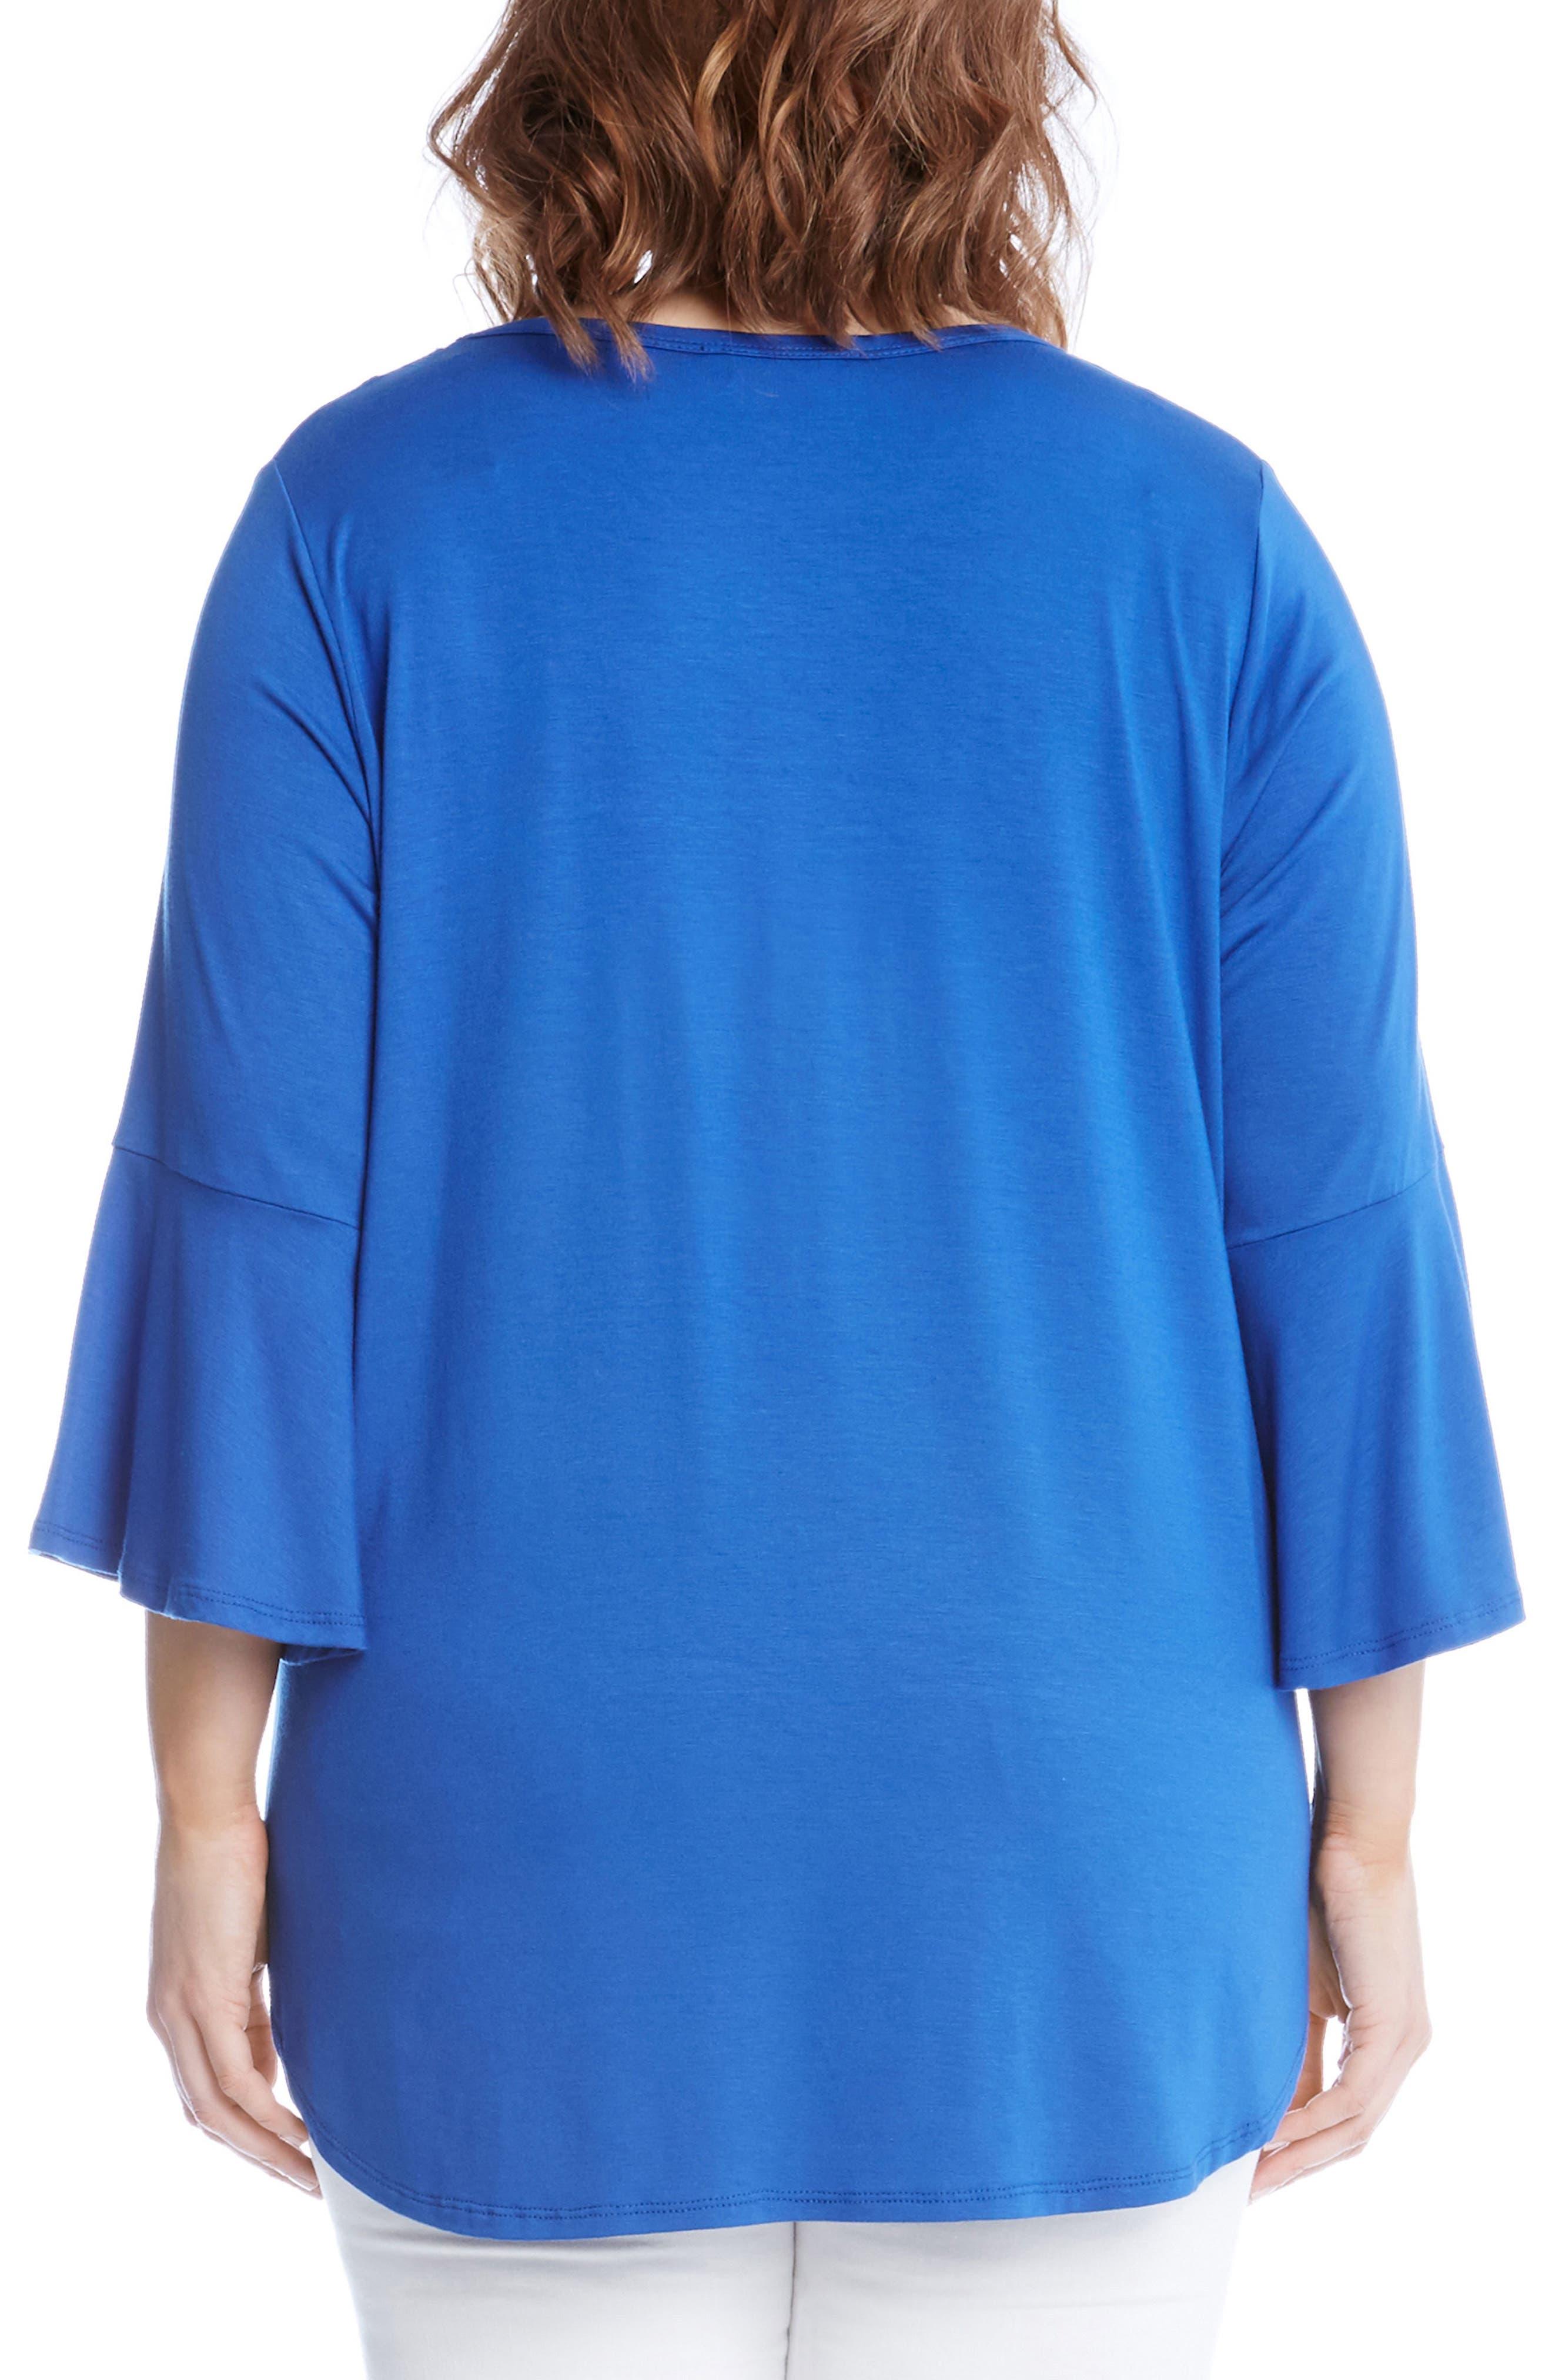 Alternate Image 2  - Karen Kane Bell Sleeve V-Neck Tee (Plus Size)